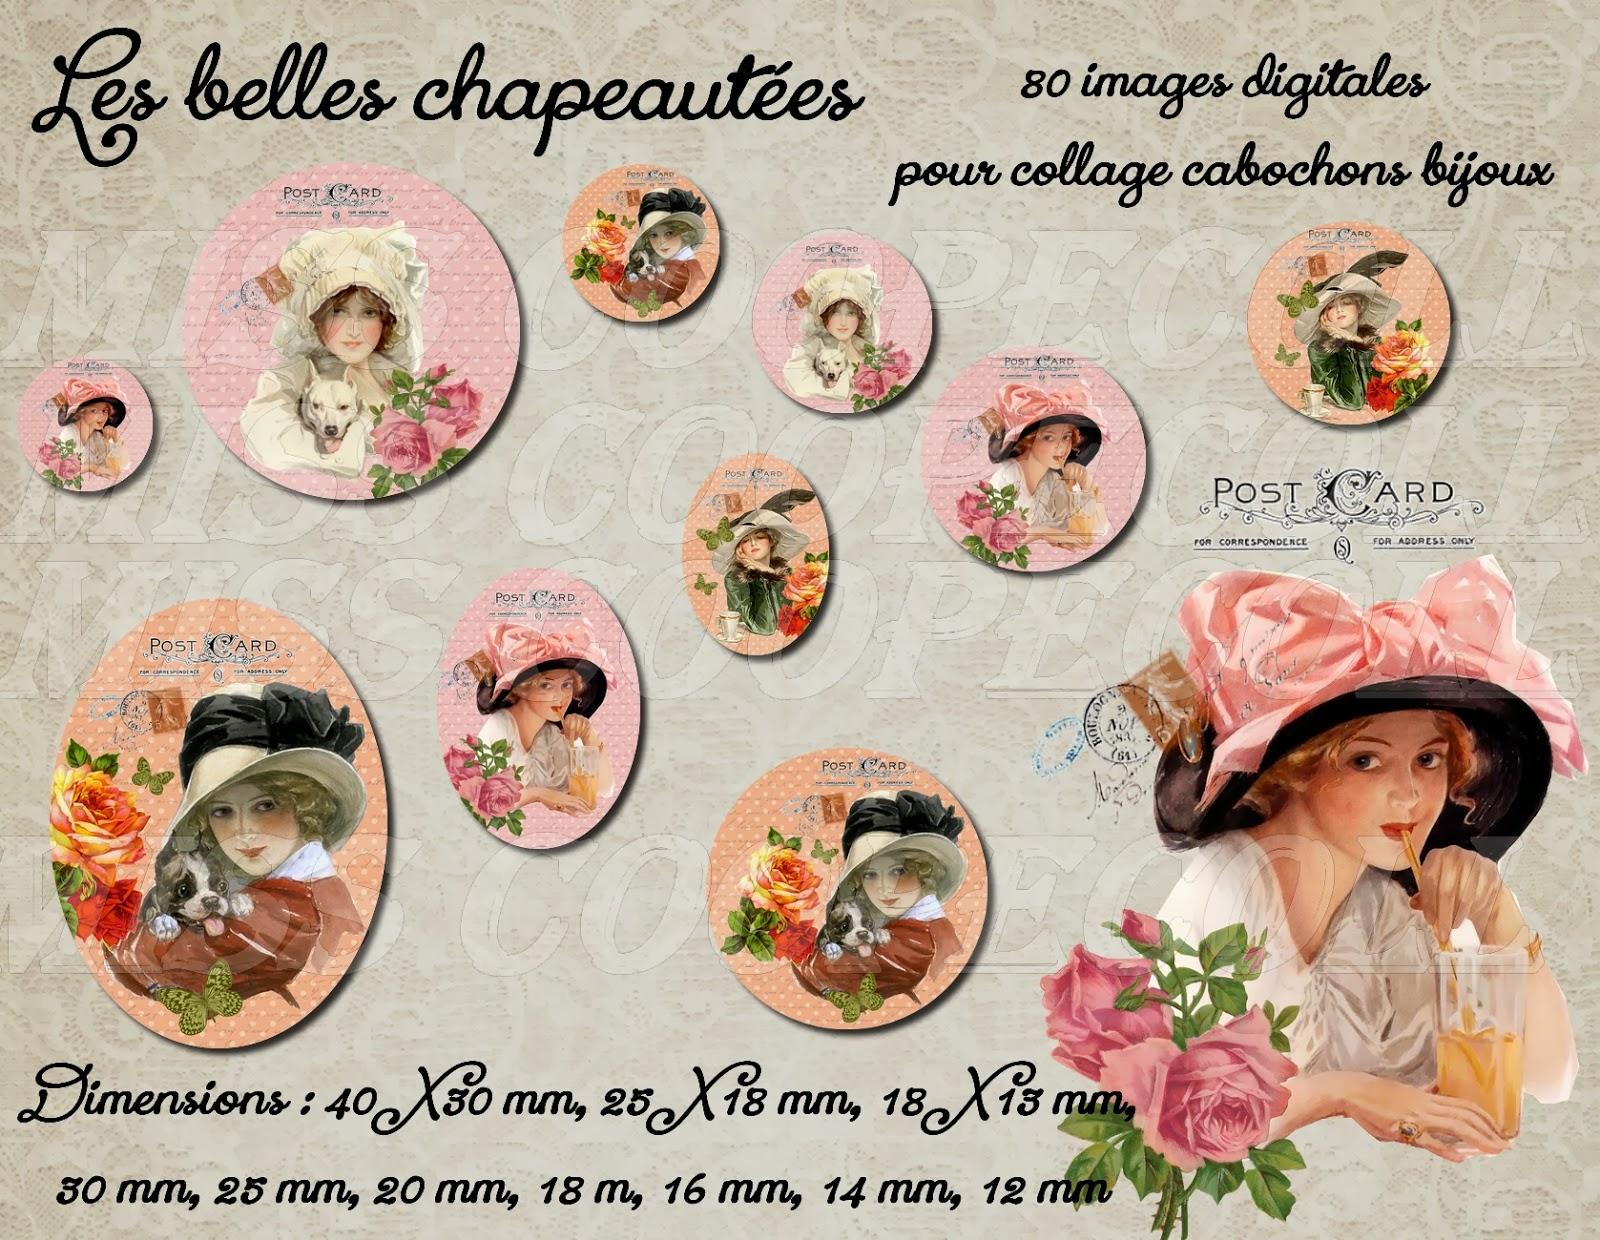 http://www.alittlemarket.com/loisirs-creatifs-scrapbooking/nouveaute_80_images_pour_collage_digital_cabochons_bijoux_les_belles_chapeautees_envoi_par_mail-6891129.html